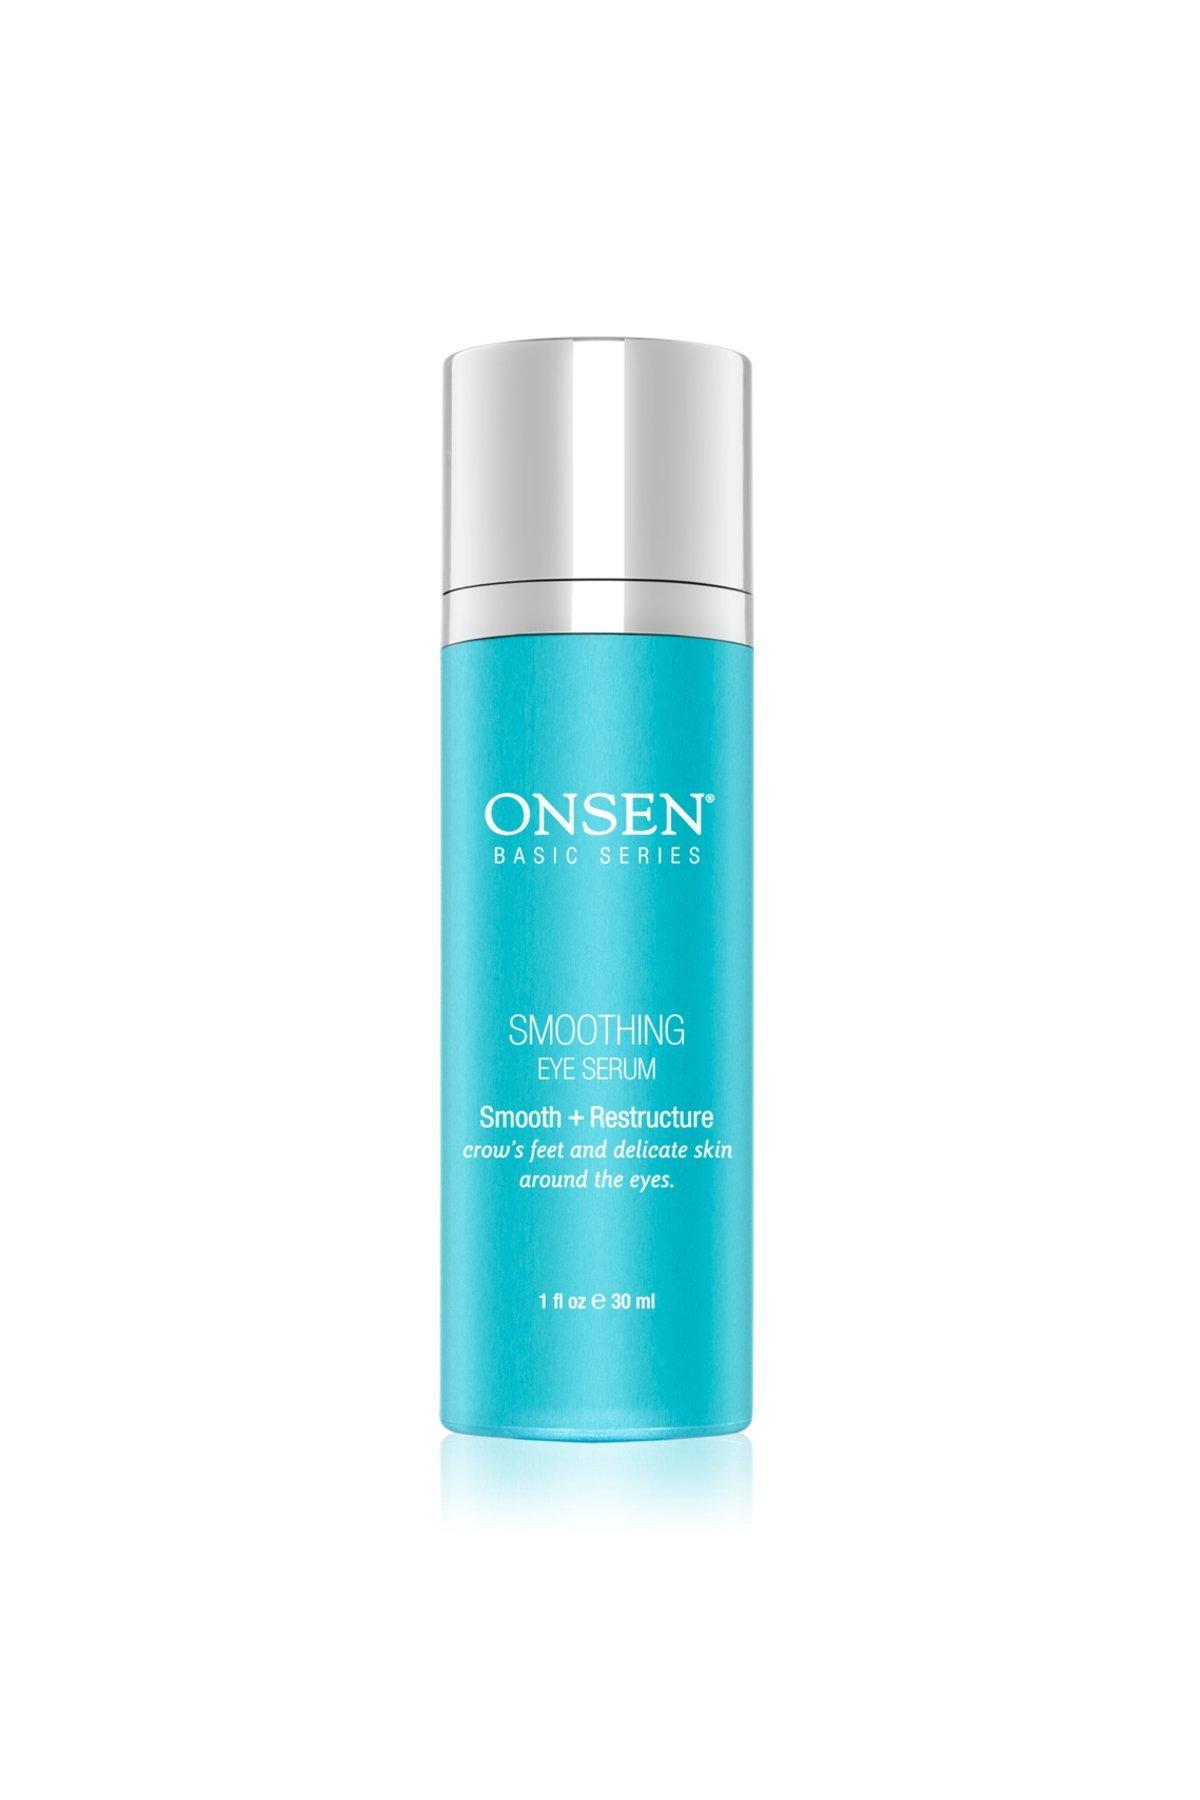 Onsen Secret Smoothing Eye Serum Professional Grade & High Performance Made in USA